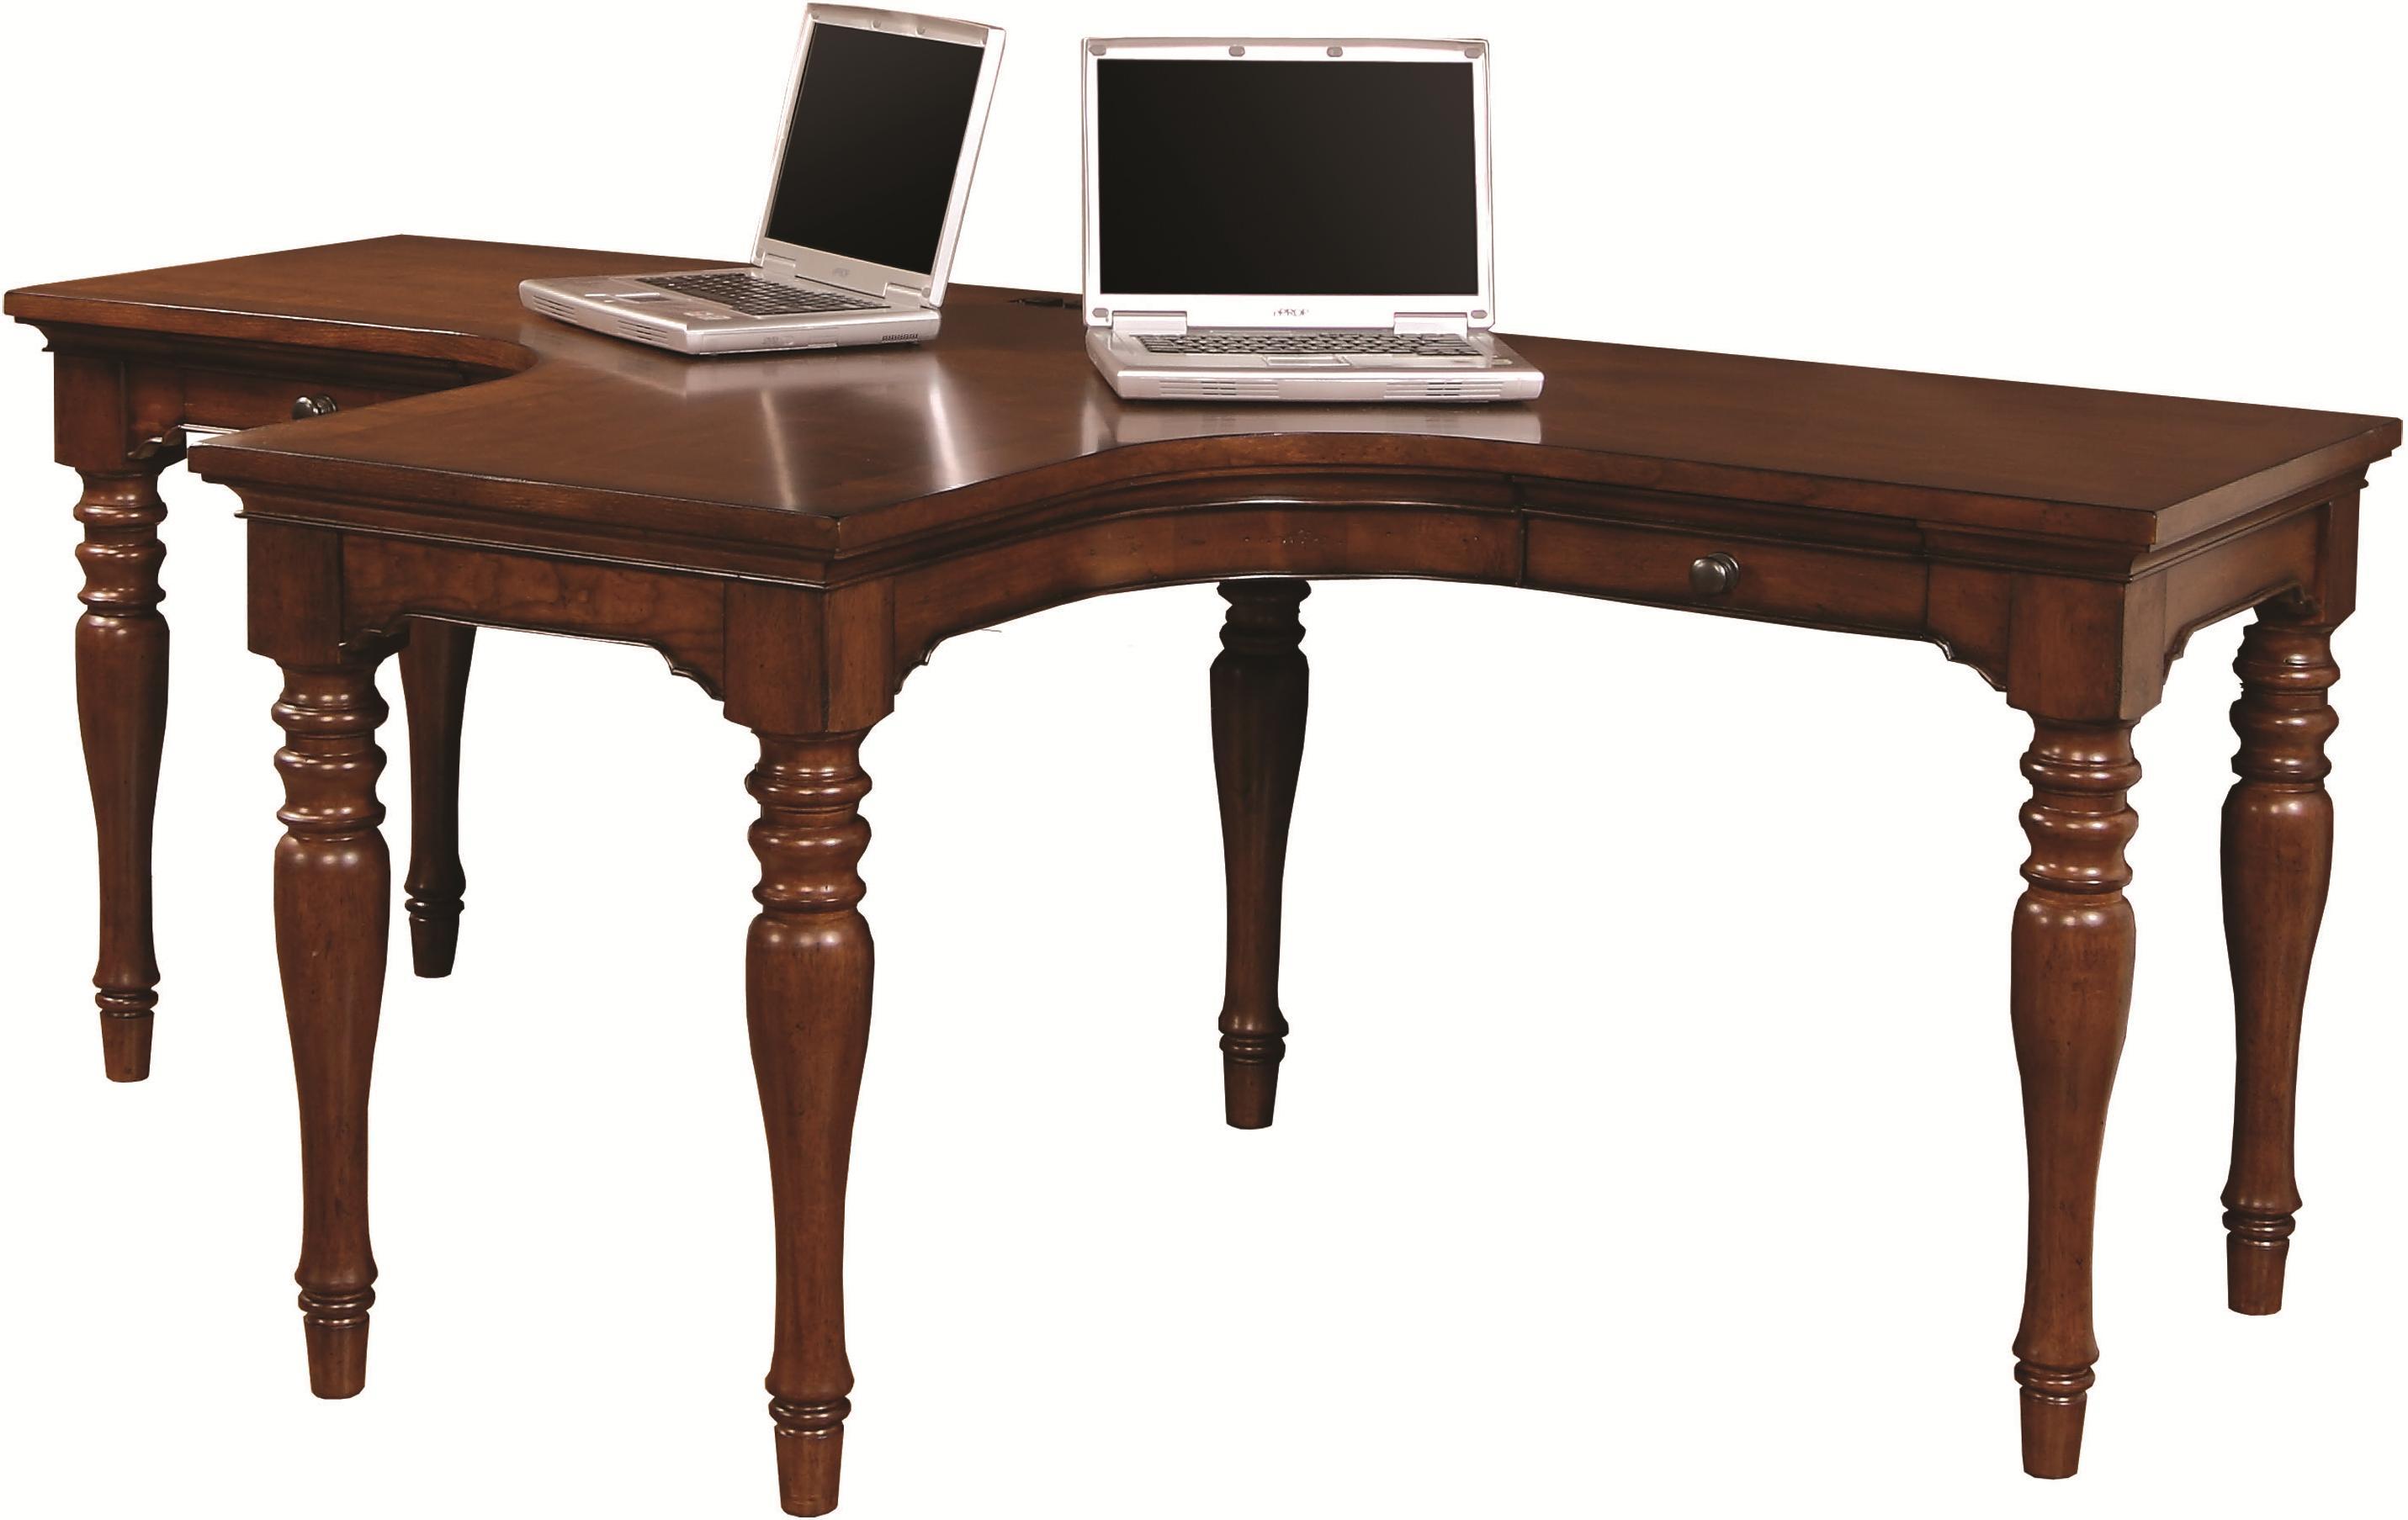 Aspenhome Villager Dual T Desk  - Item Number: I20-380-CHY